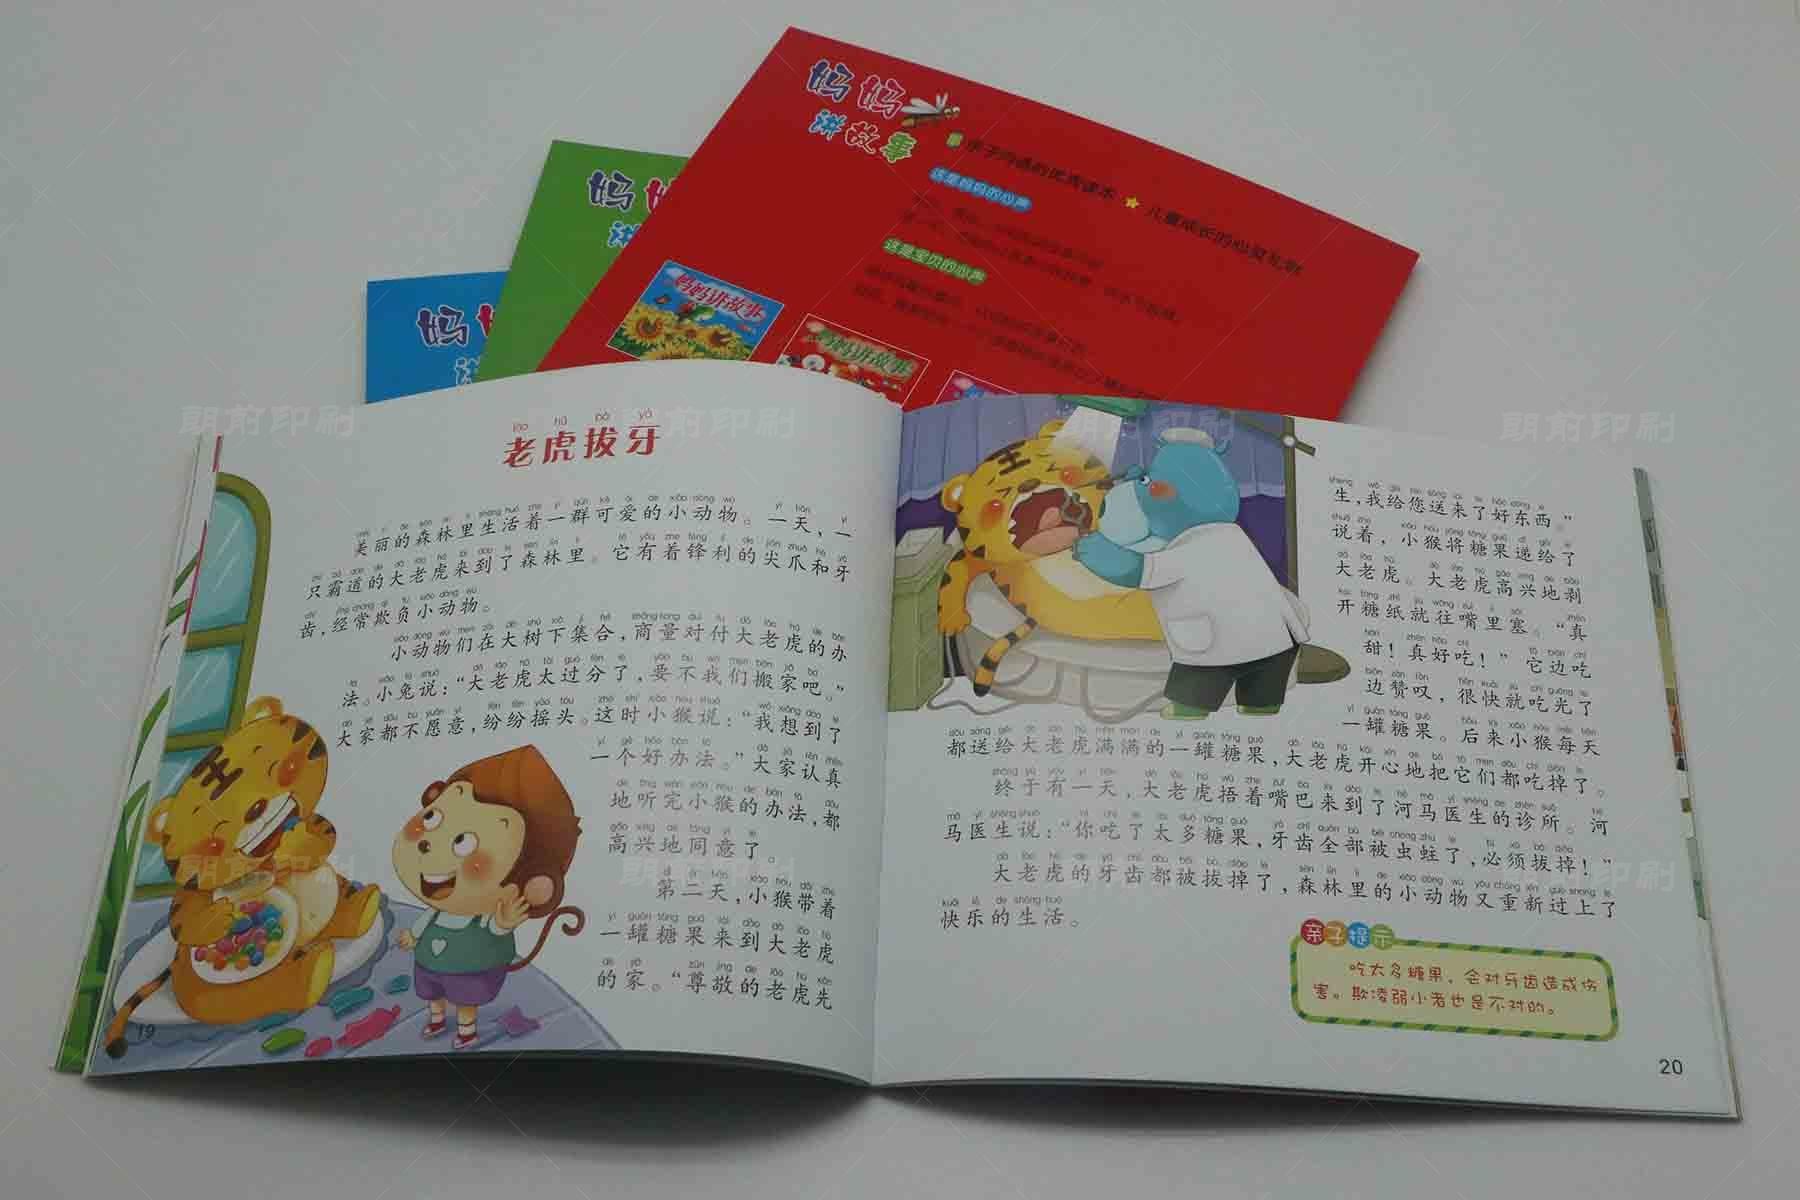 广州产品画册印刷 广州公司画册专业印刷厂